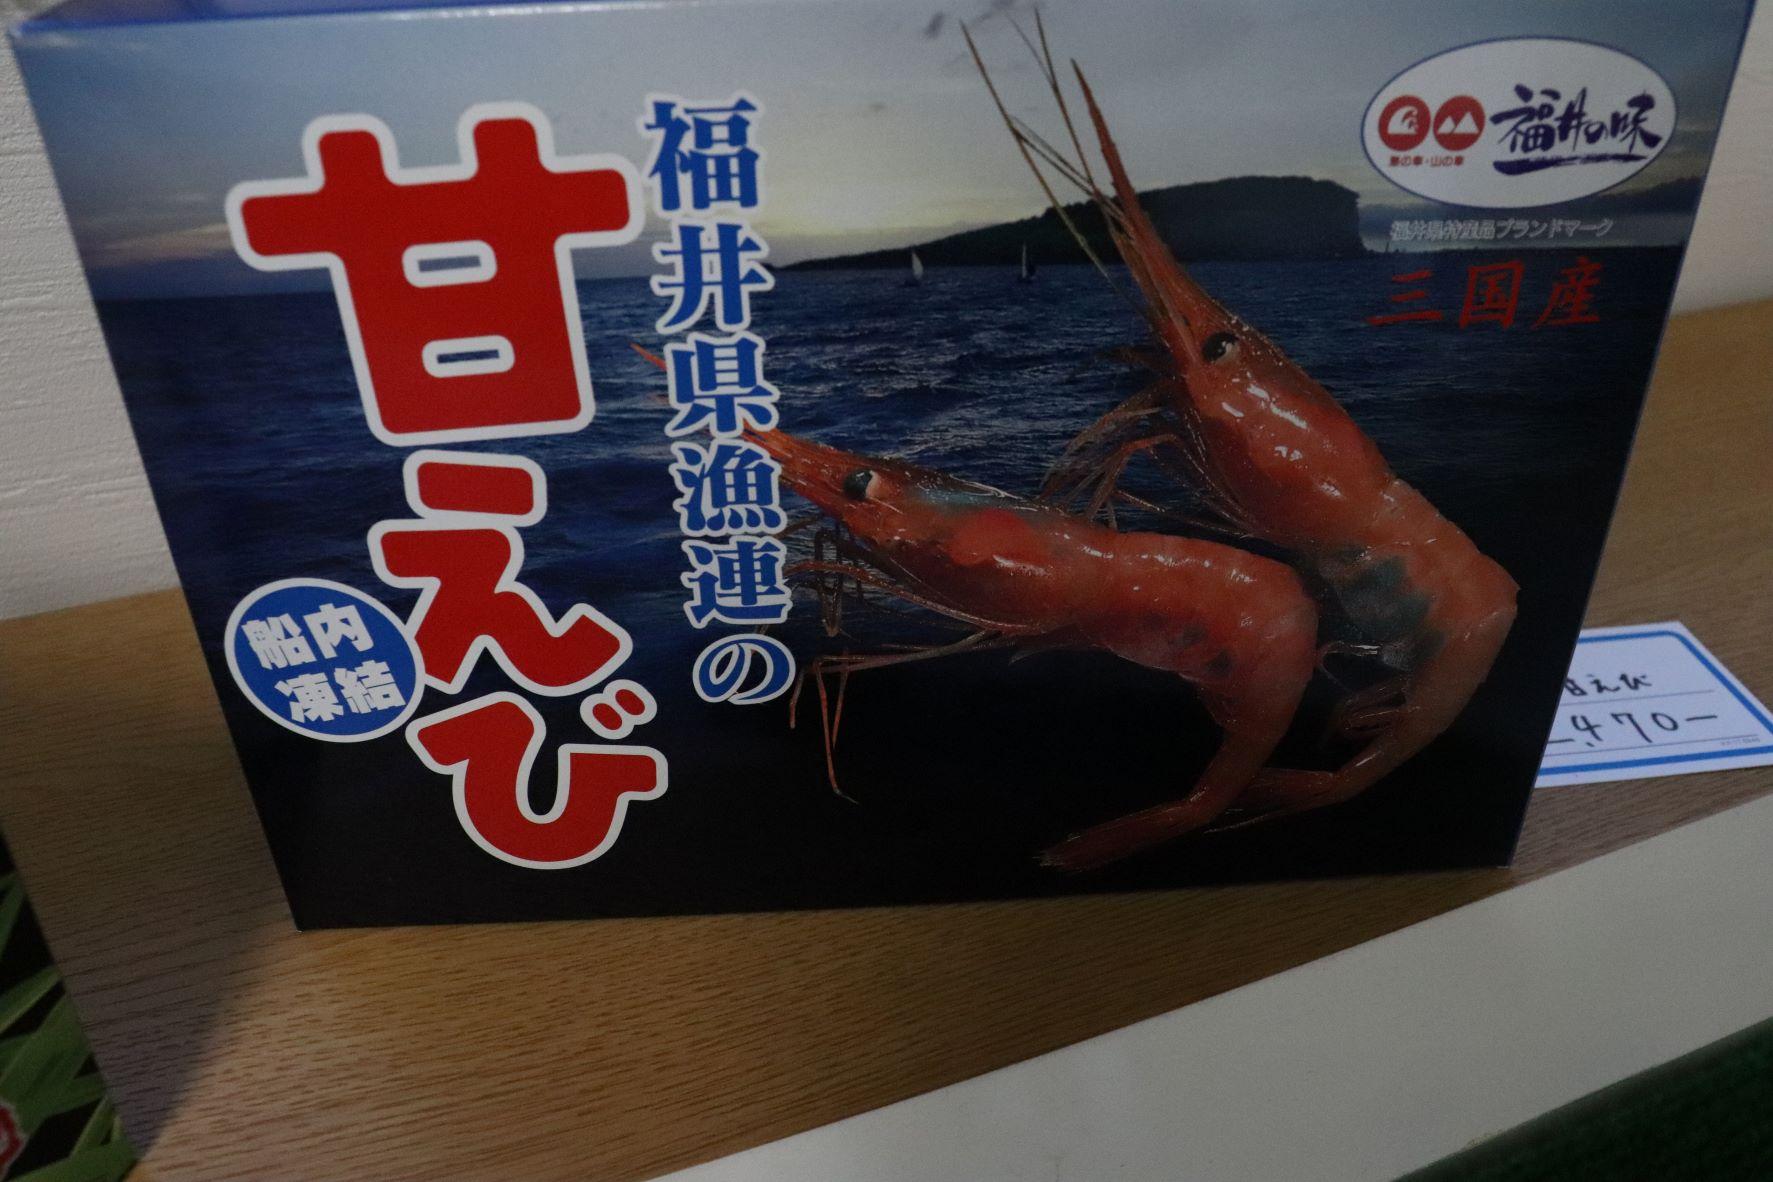 福井県産漁連甘海老はいかが?